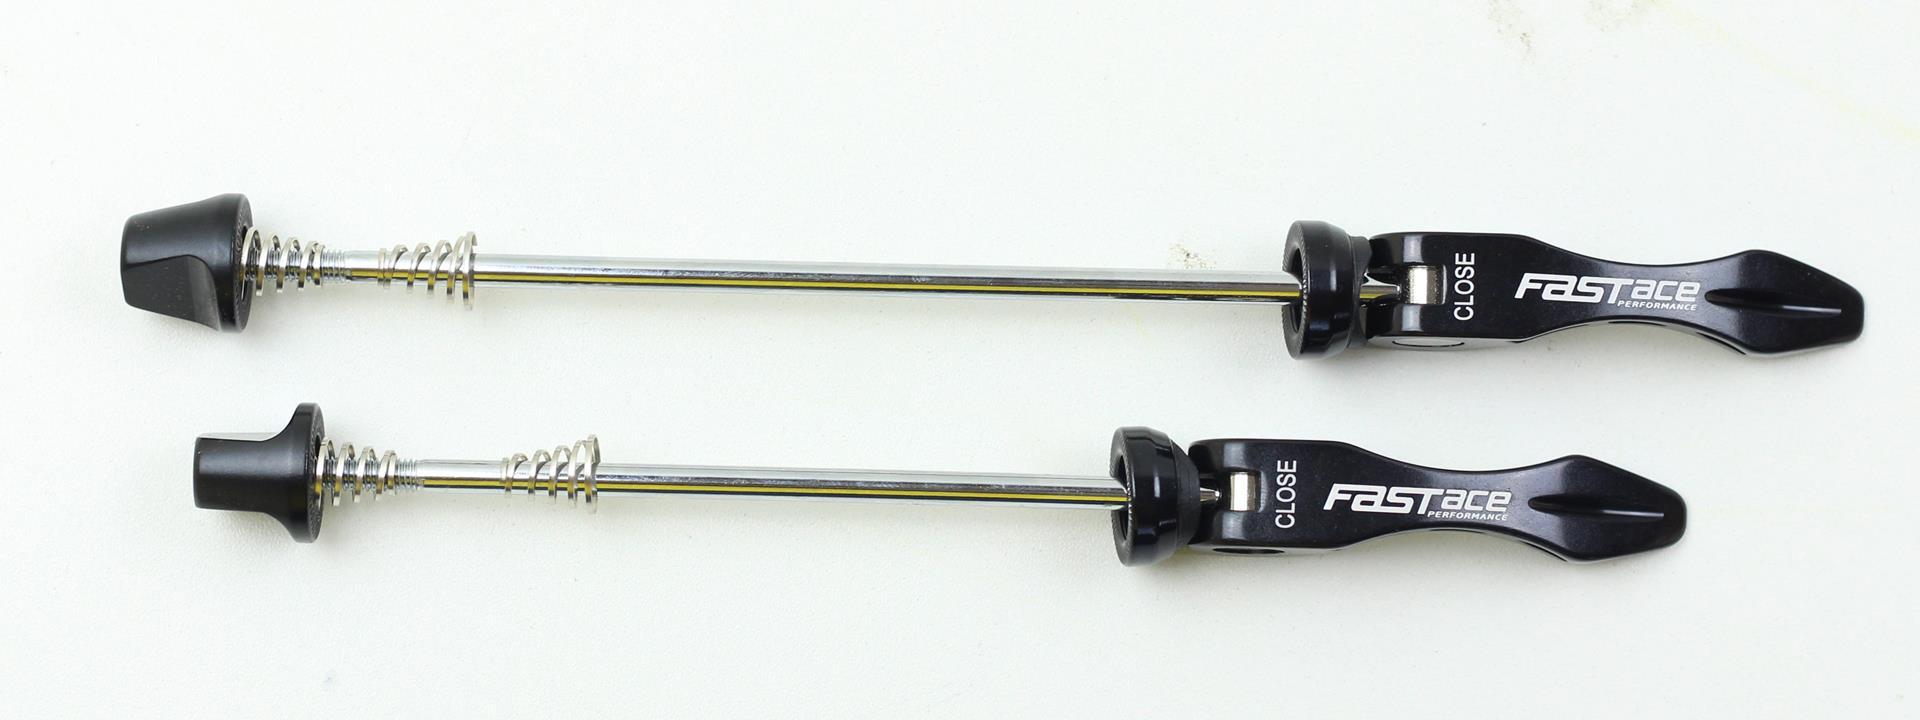 Par de Cubos Fastace DA201 Shimano 12 velocidades Micro Spline 32 Furos Eixo 135x10mm p/ SLX M7100 XT M8100 XTR M9100